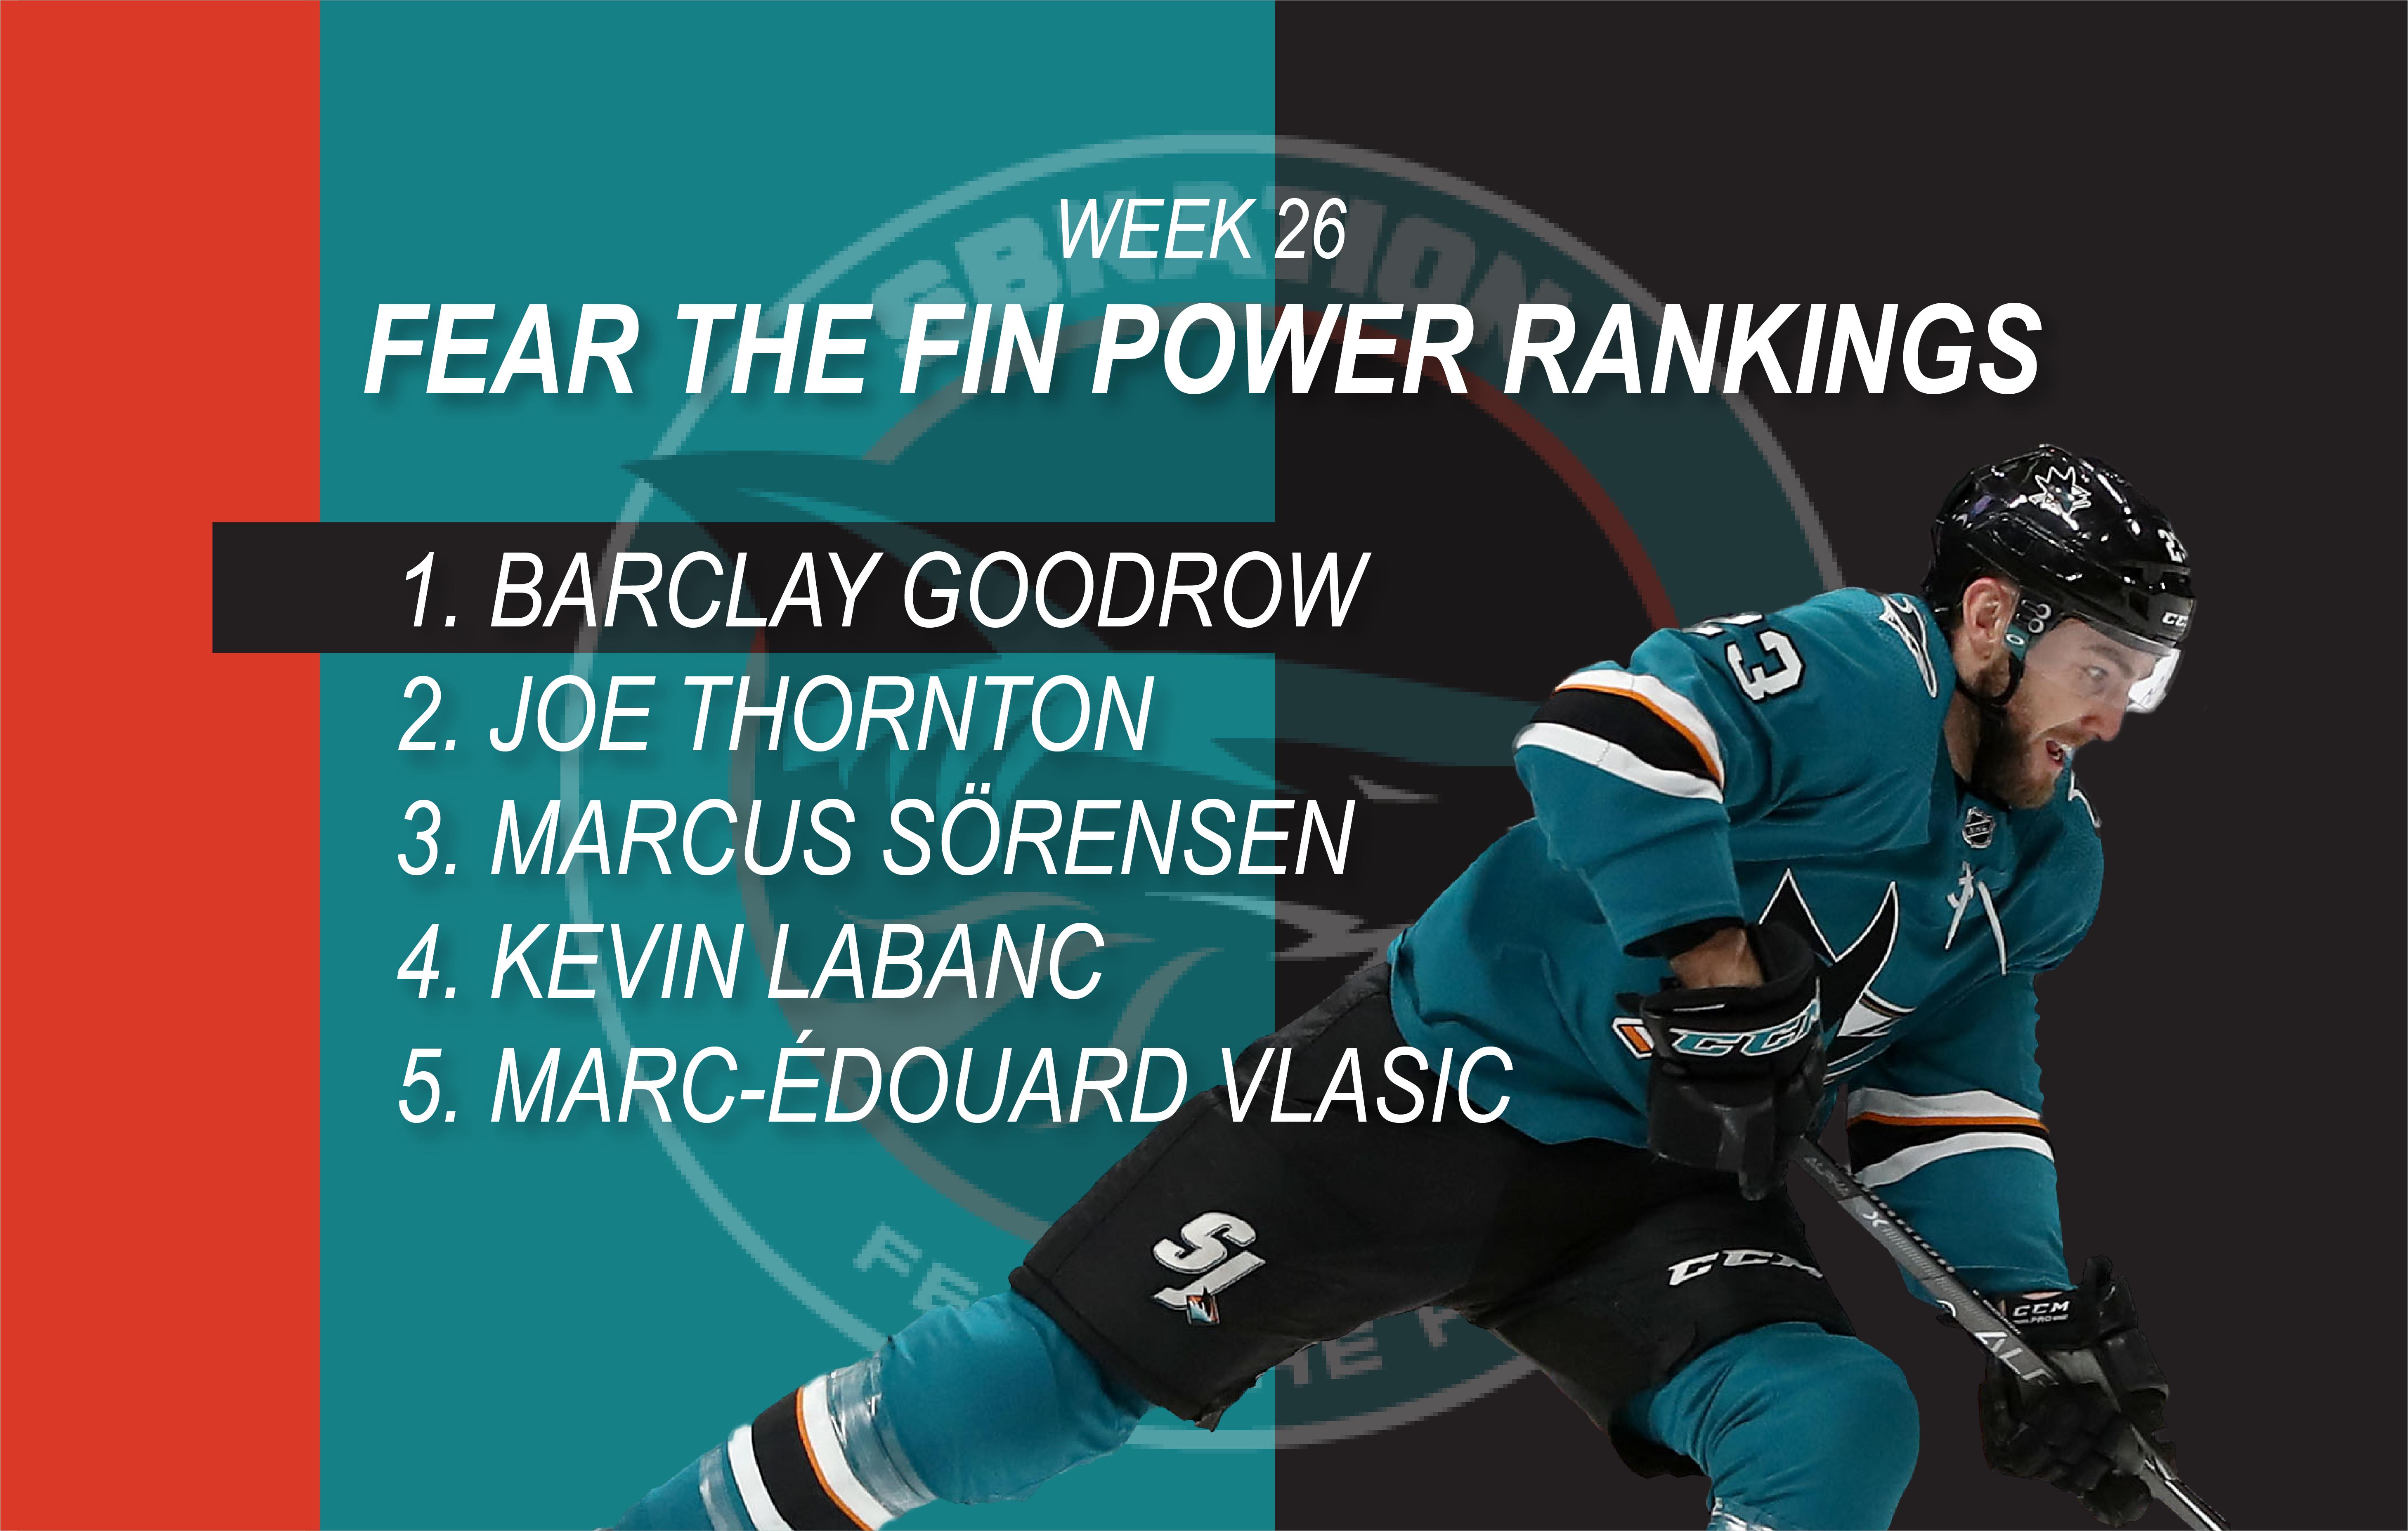 Week 26 Power Rankings